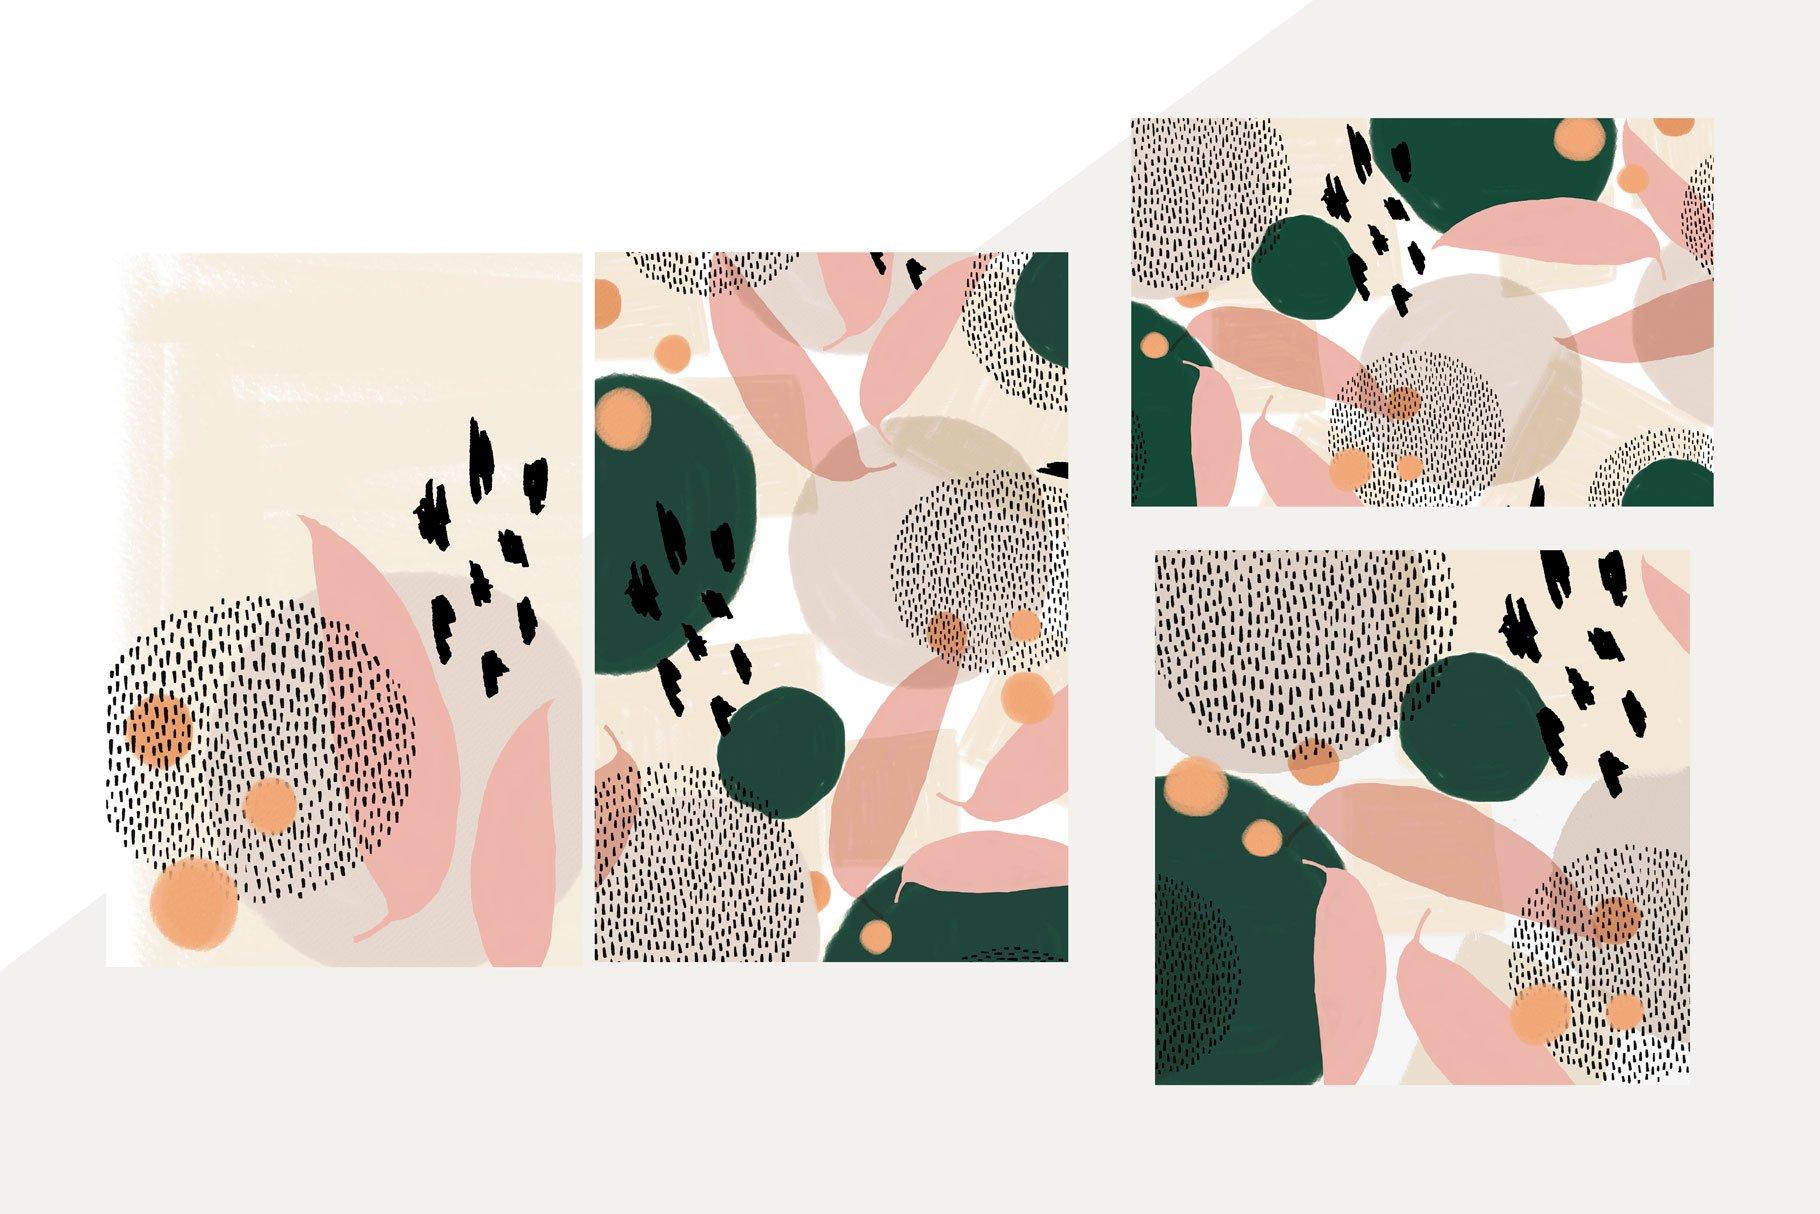 抽象有机形状图案矢量素材集 Komorebi Organic Shapes Pattern Set插图(1)